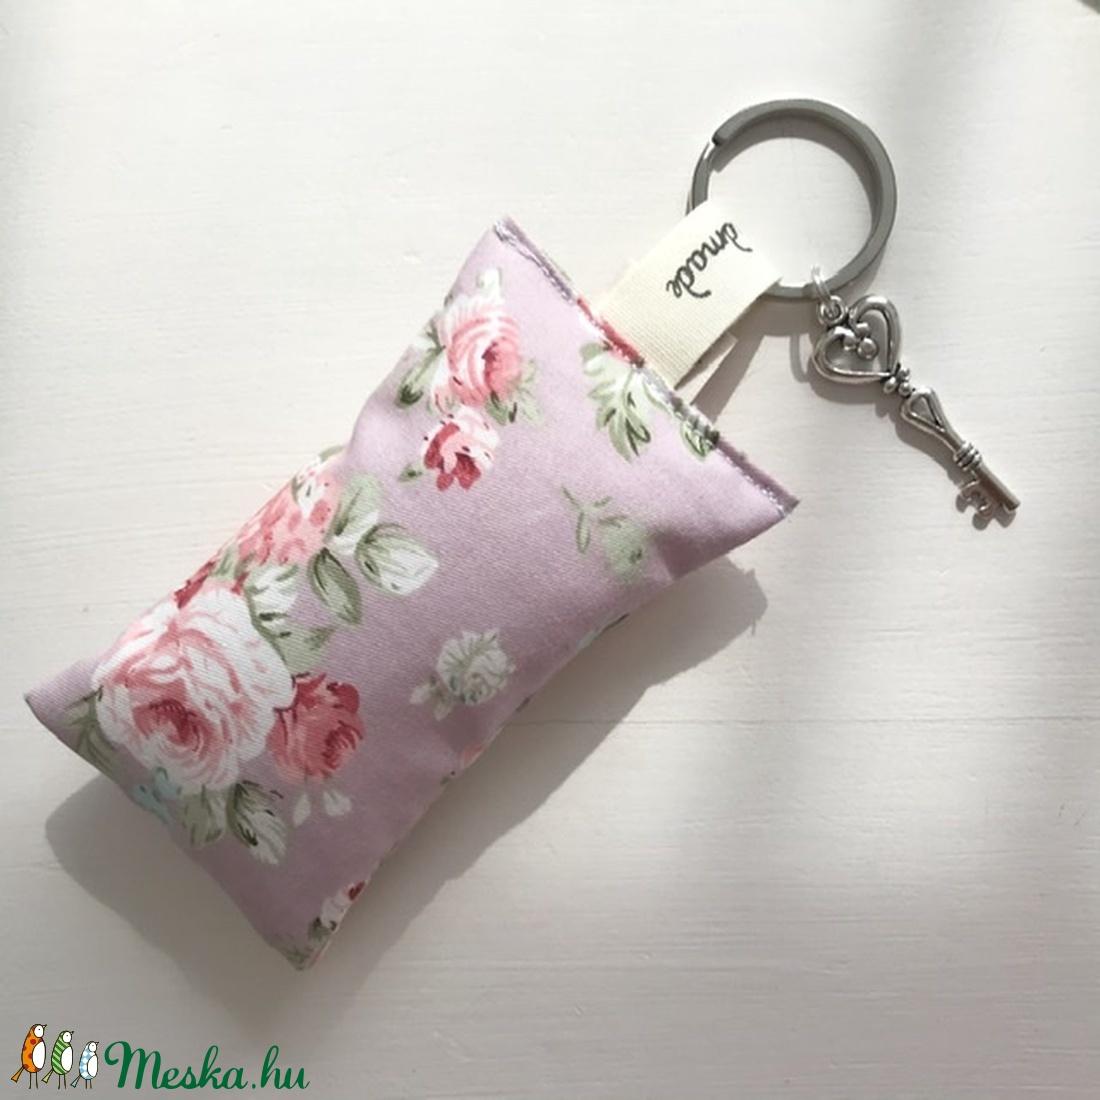 Angol rózsa -  prémium pamut, púder színű, rózsa mintás kulcstartó- Artiroka design  - Meska.hu